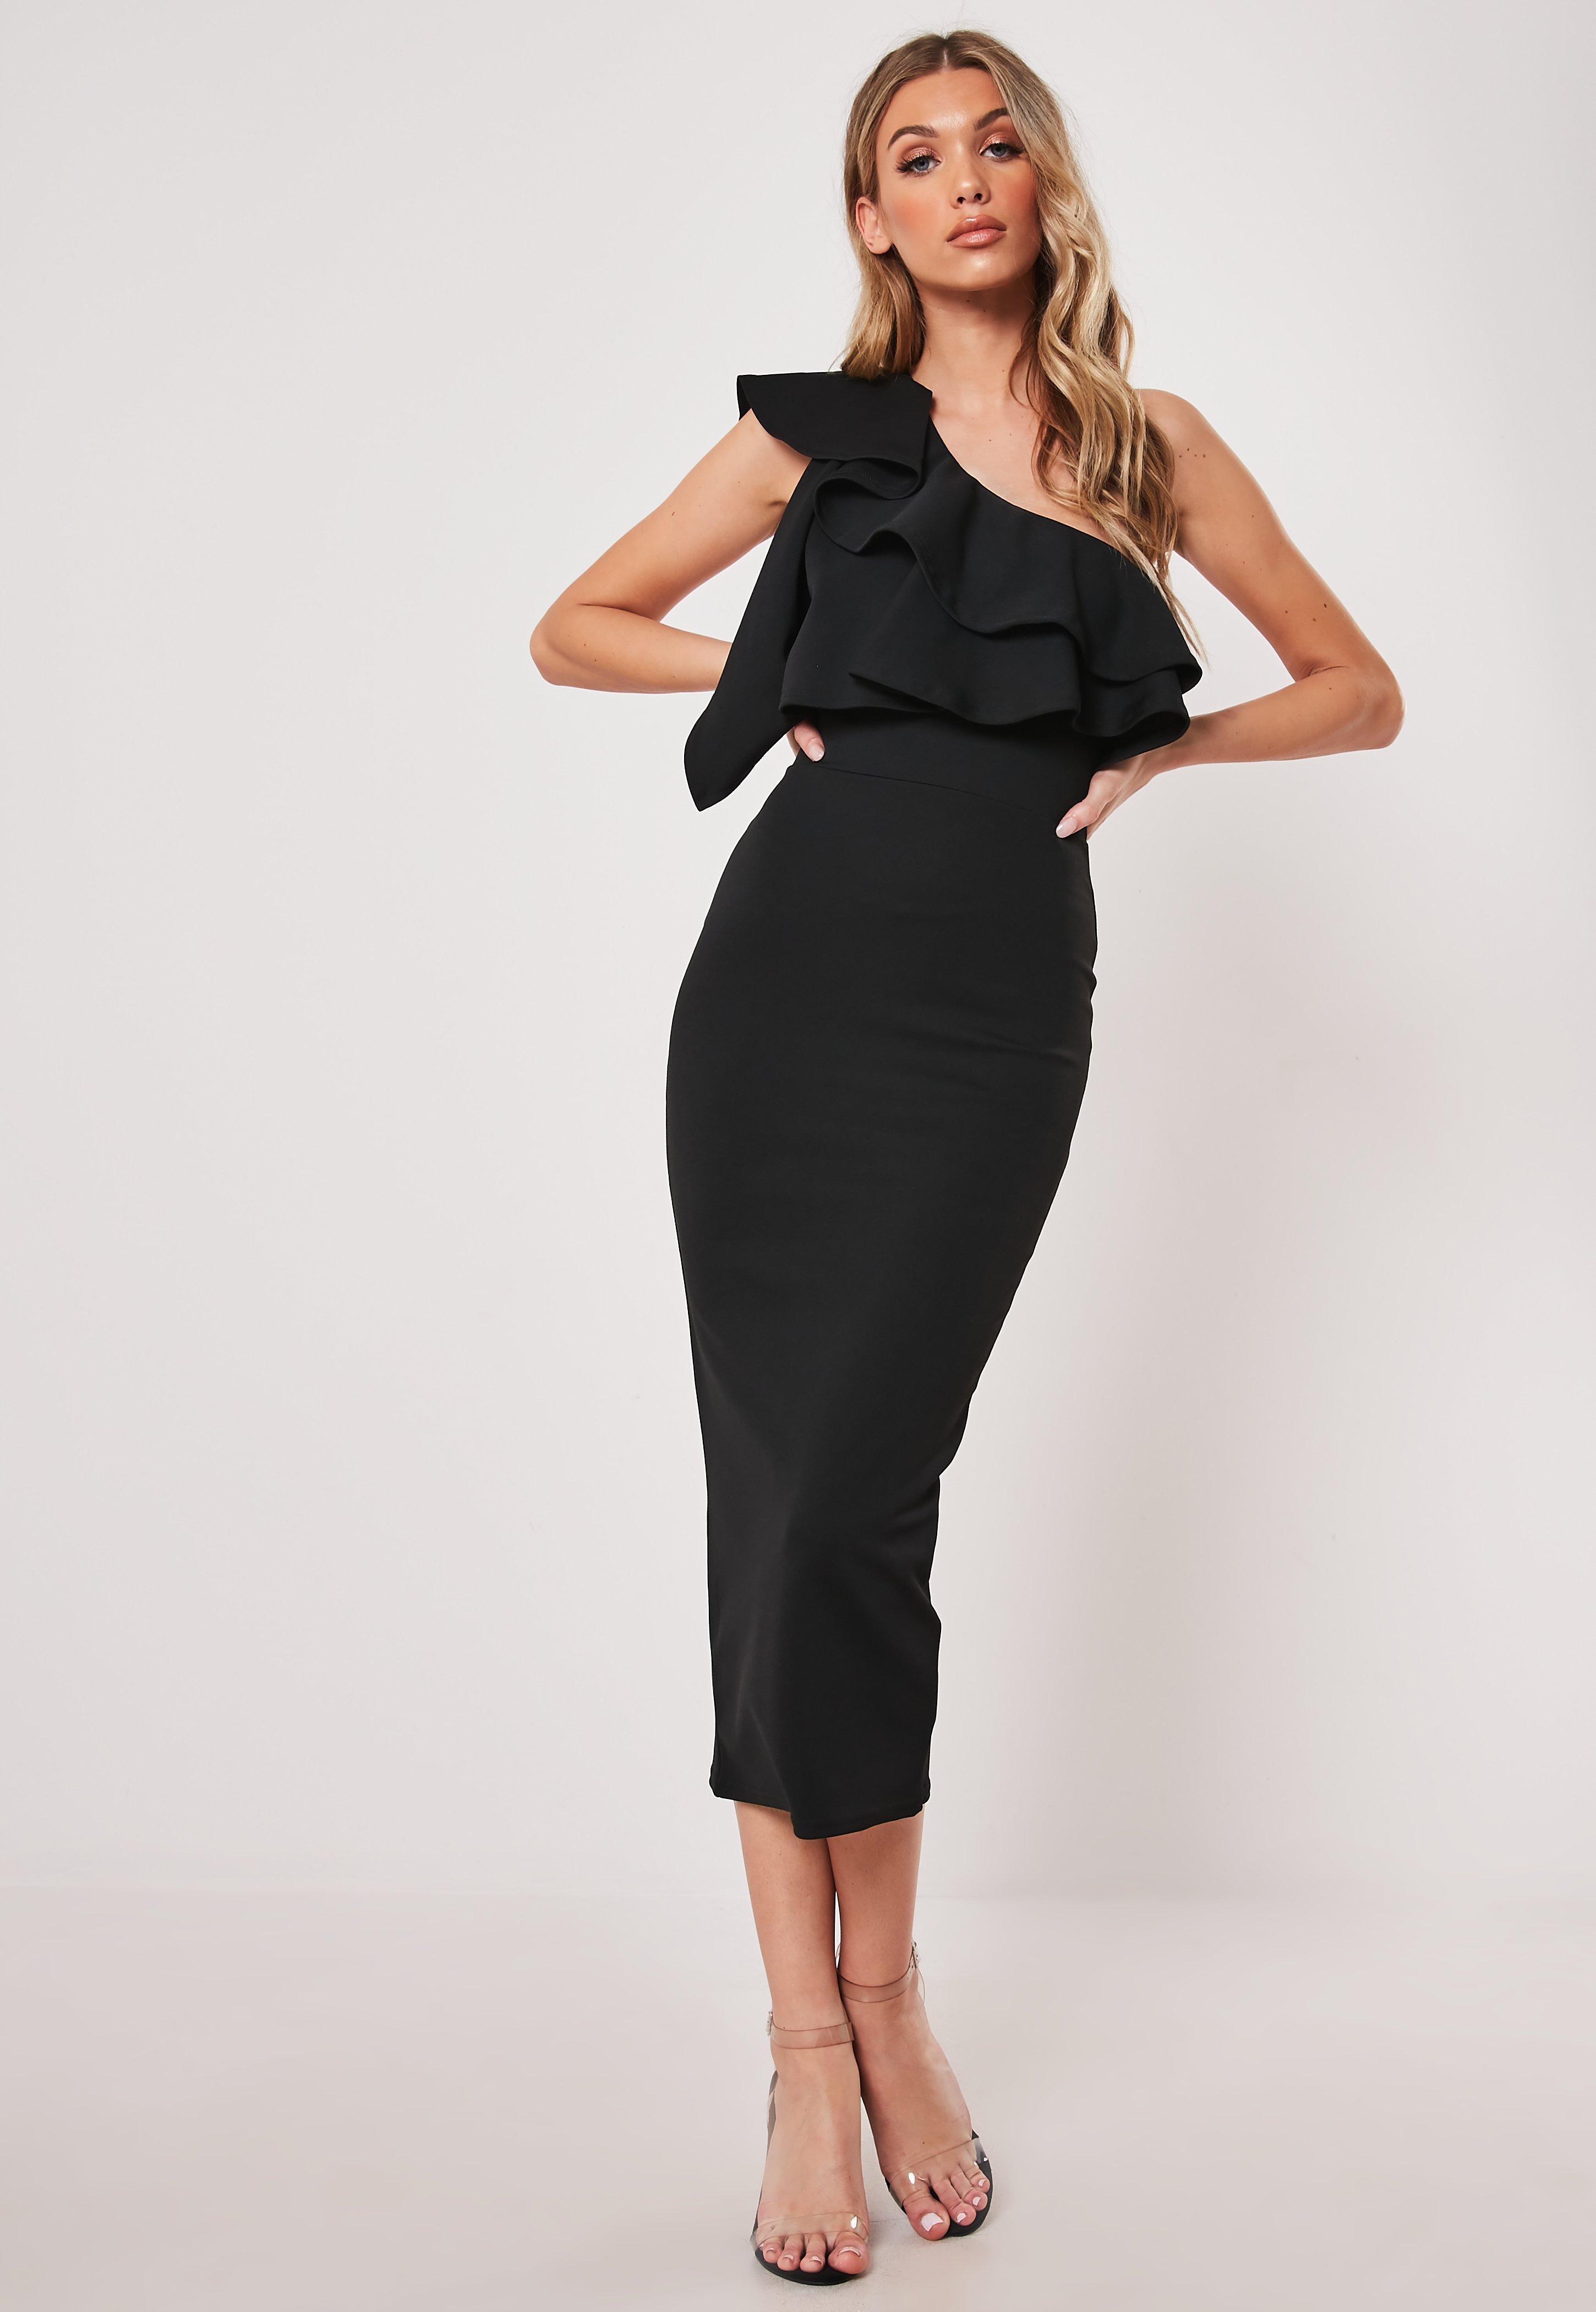 823d7ef1d1f One Shoulder Dresses